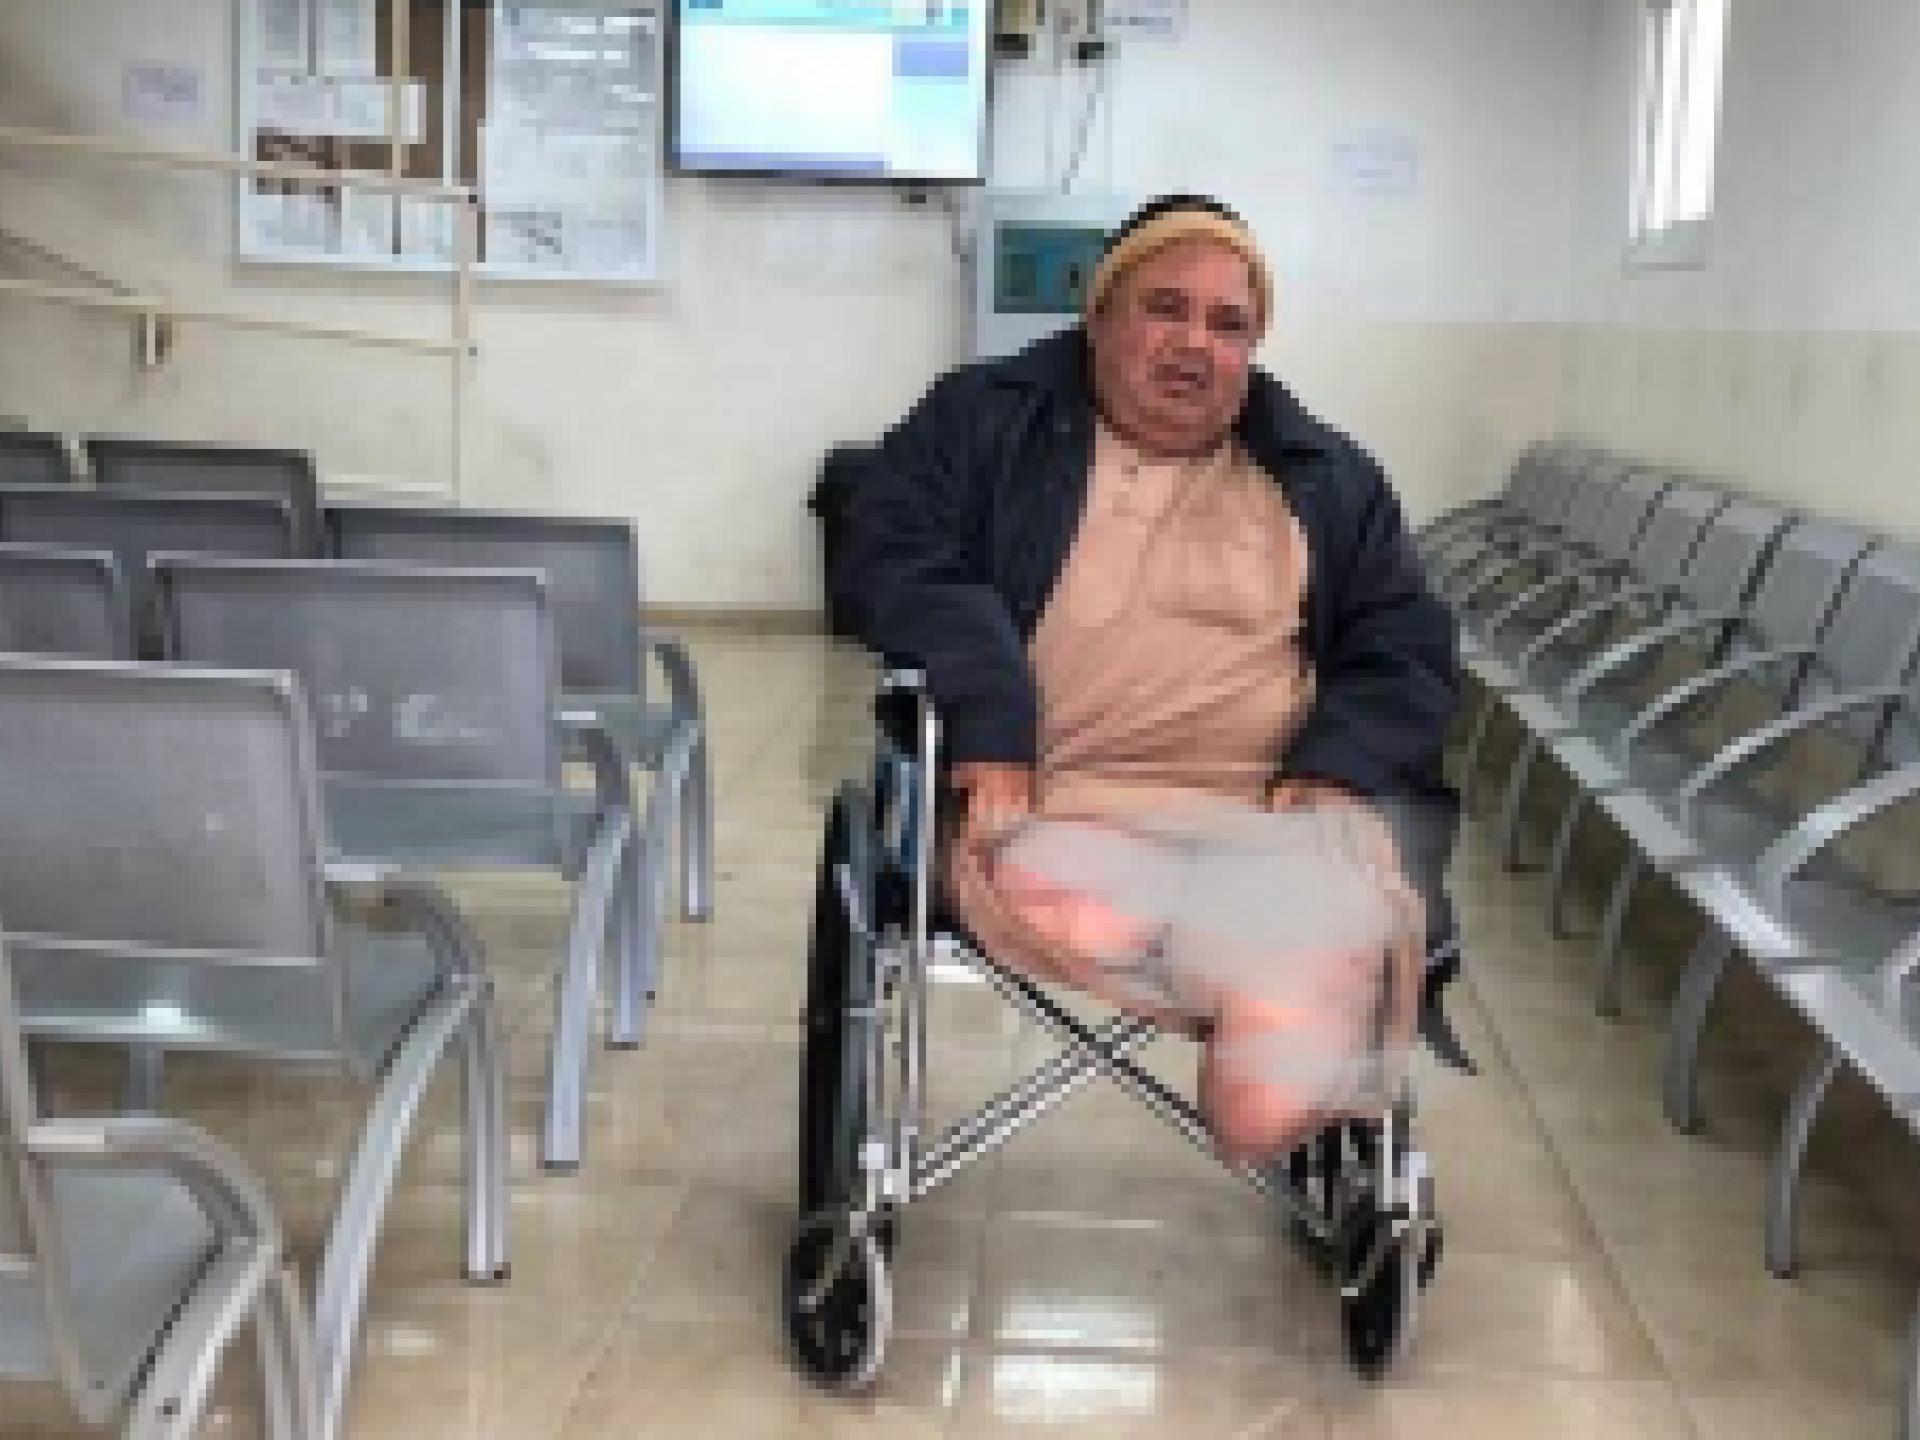 אדם קטוע רגלים בכסא גלגלים